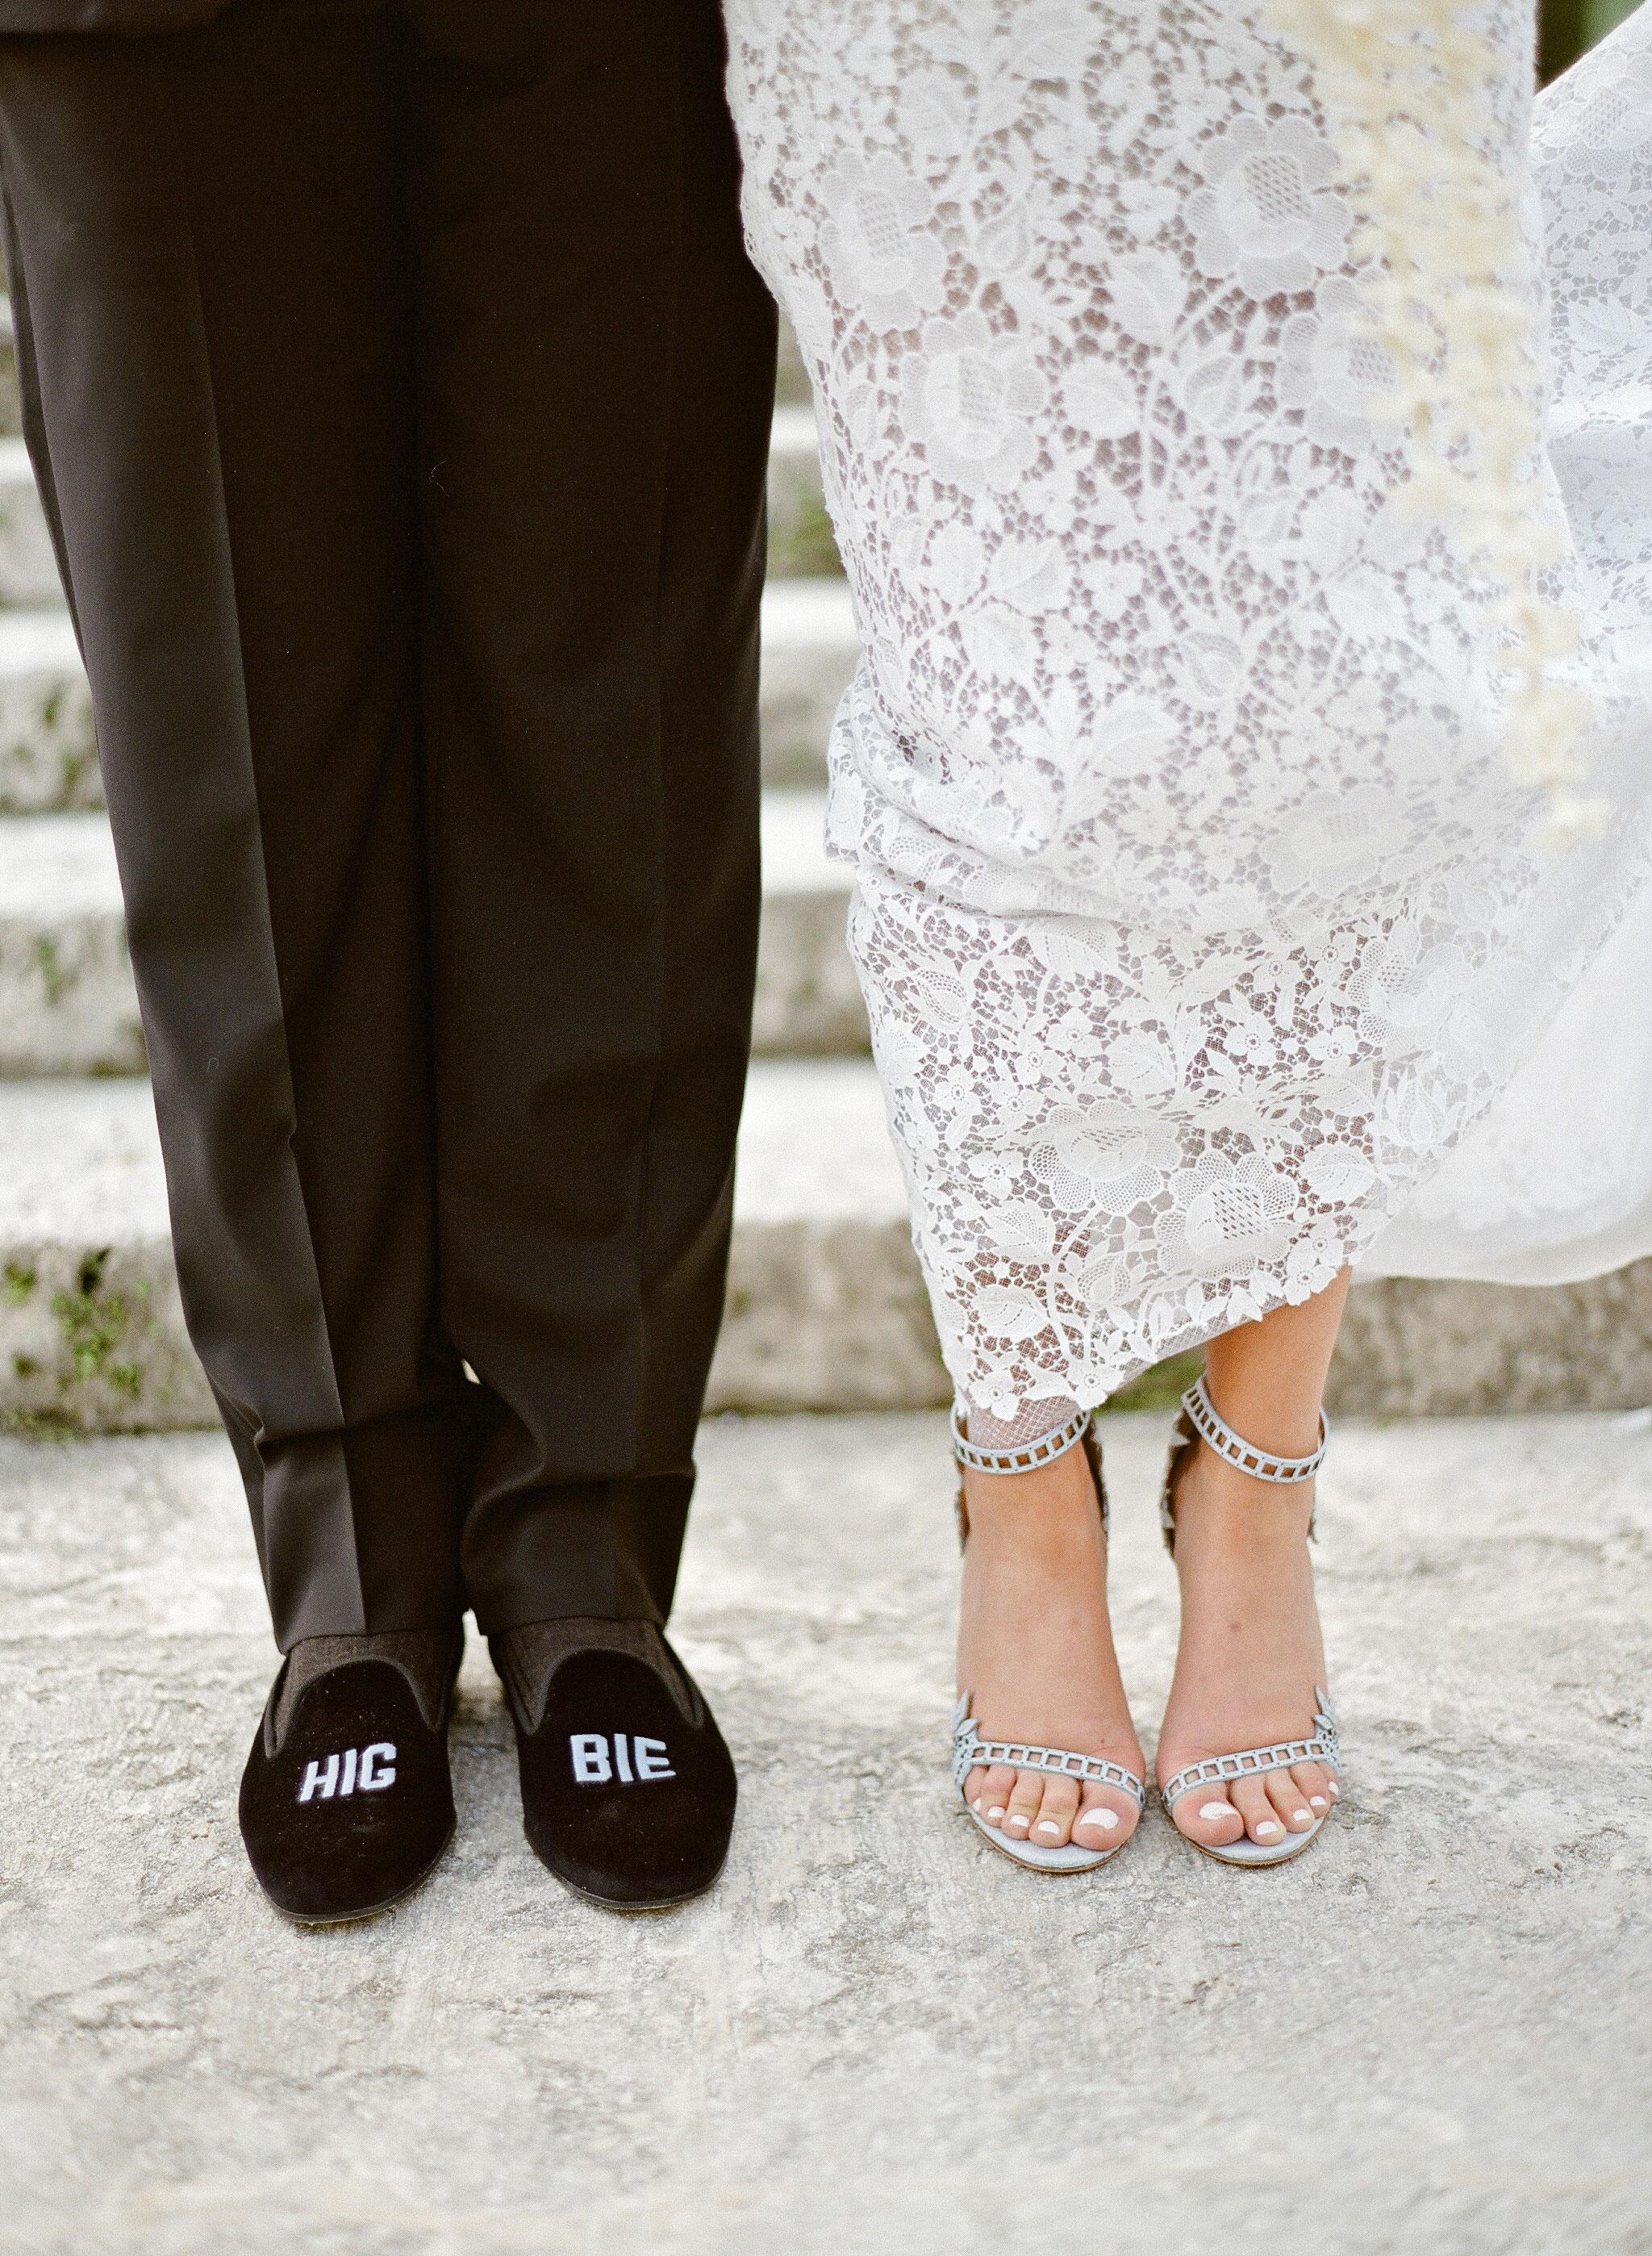 natalie jamey wedding shoes closeup